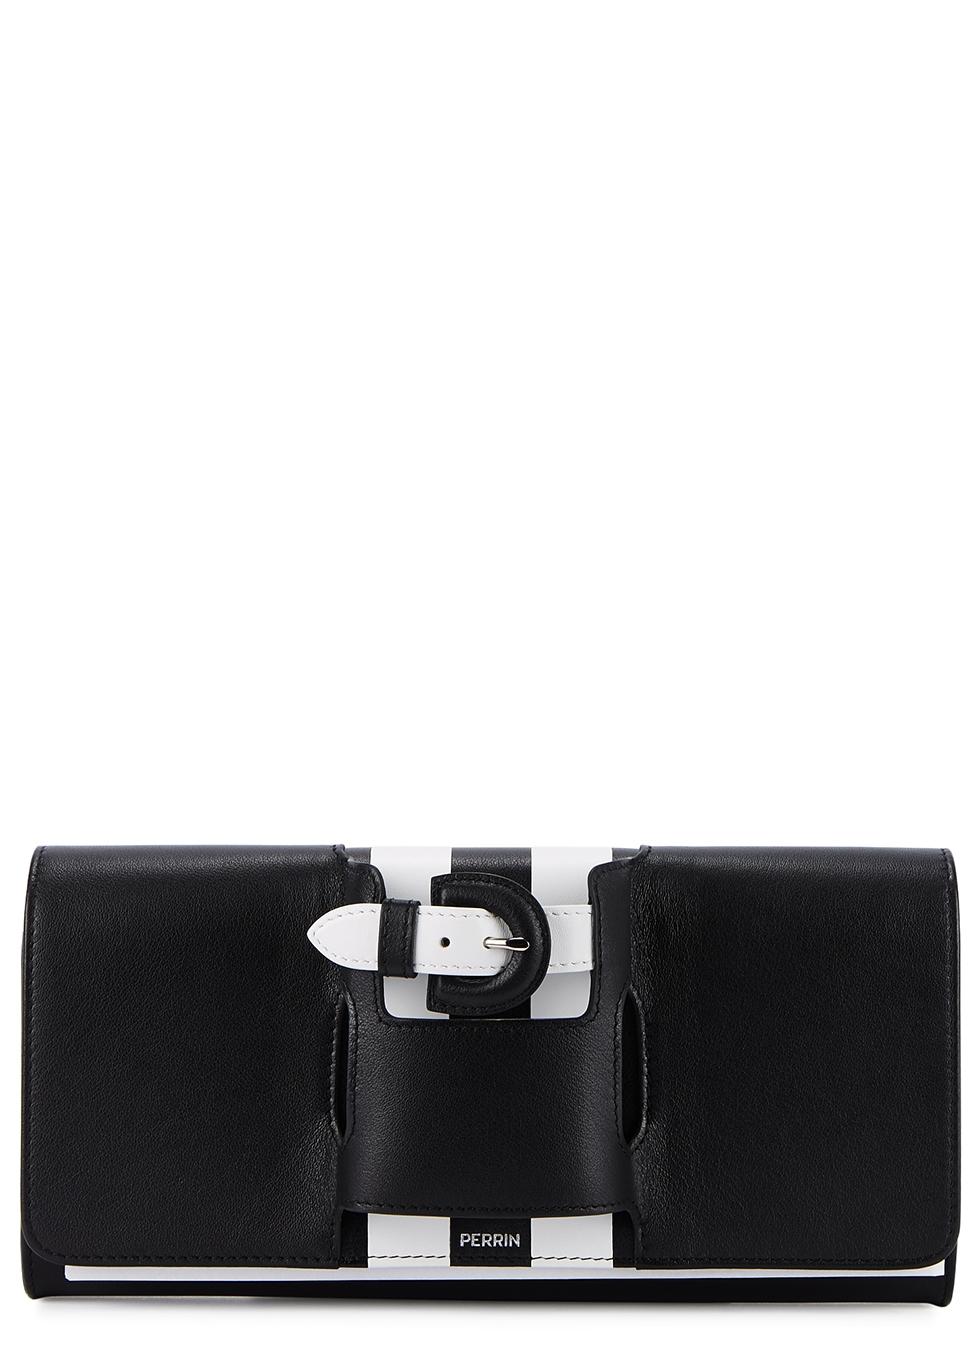 Boxamp; Harvey Nichols Leather Women's Clutches Designer OiXPkZTu